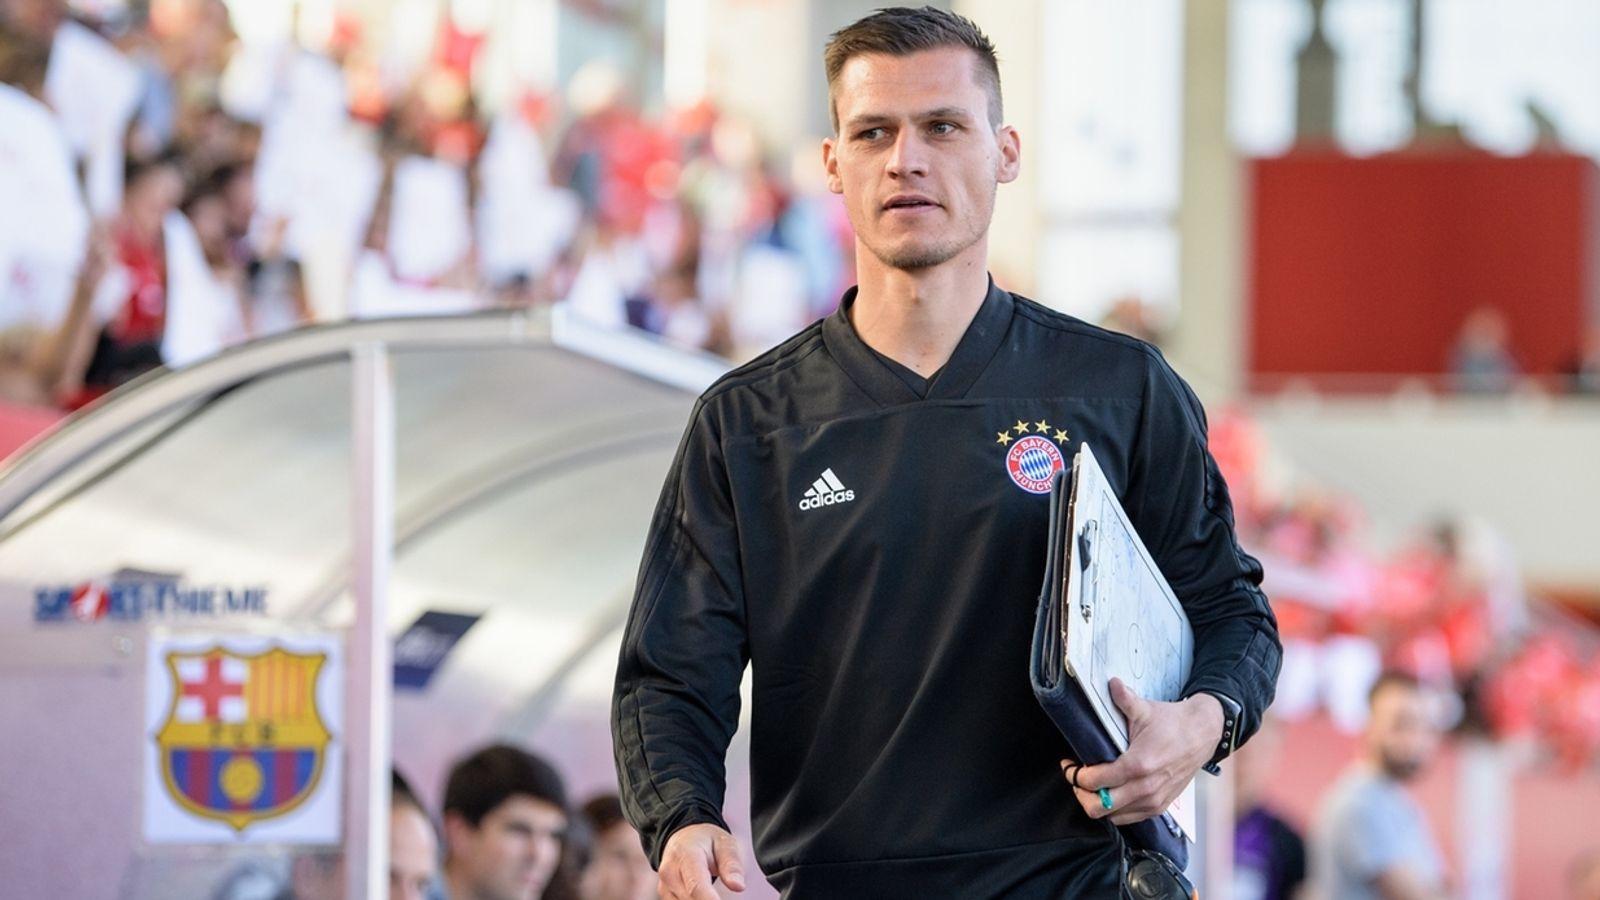 Bayern-Frauen-Trainer Wörle ist vom Verein enttäuscht